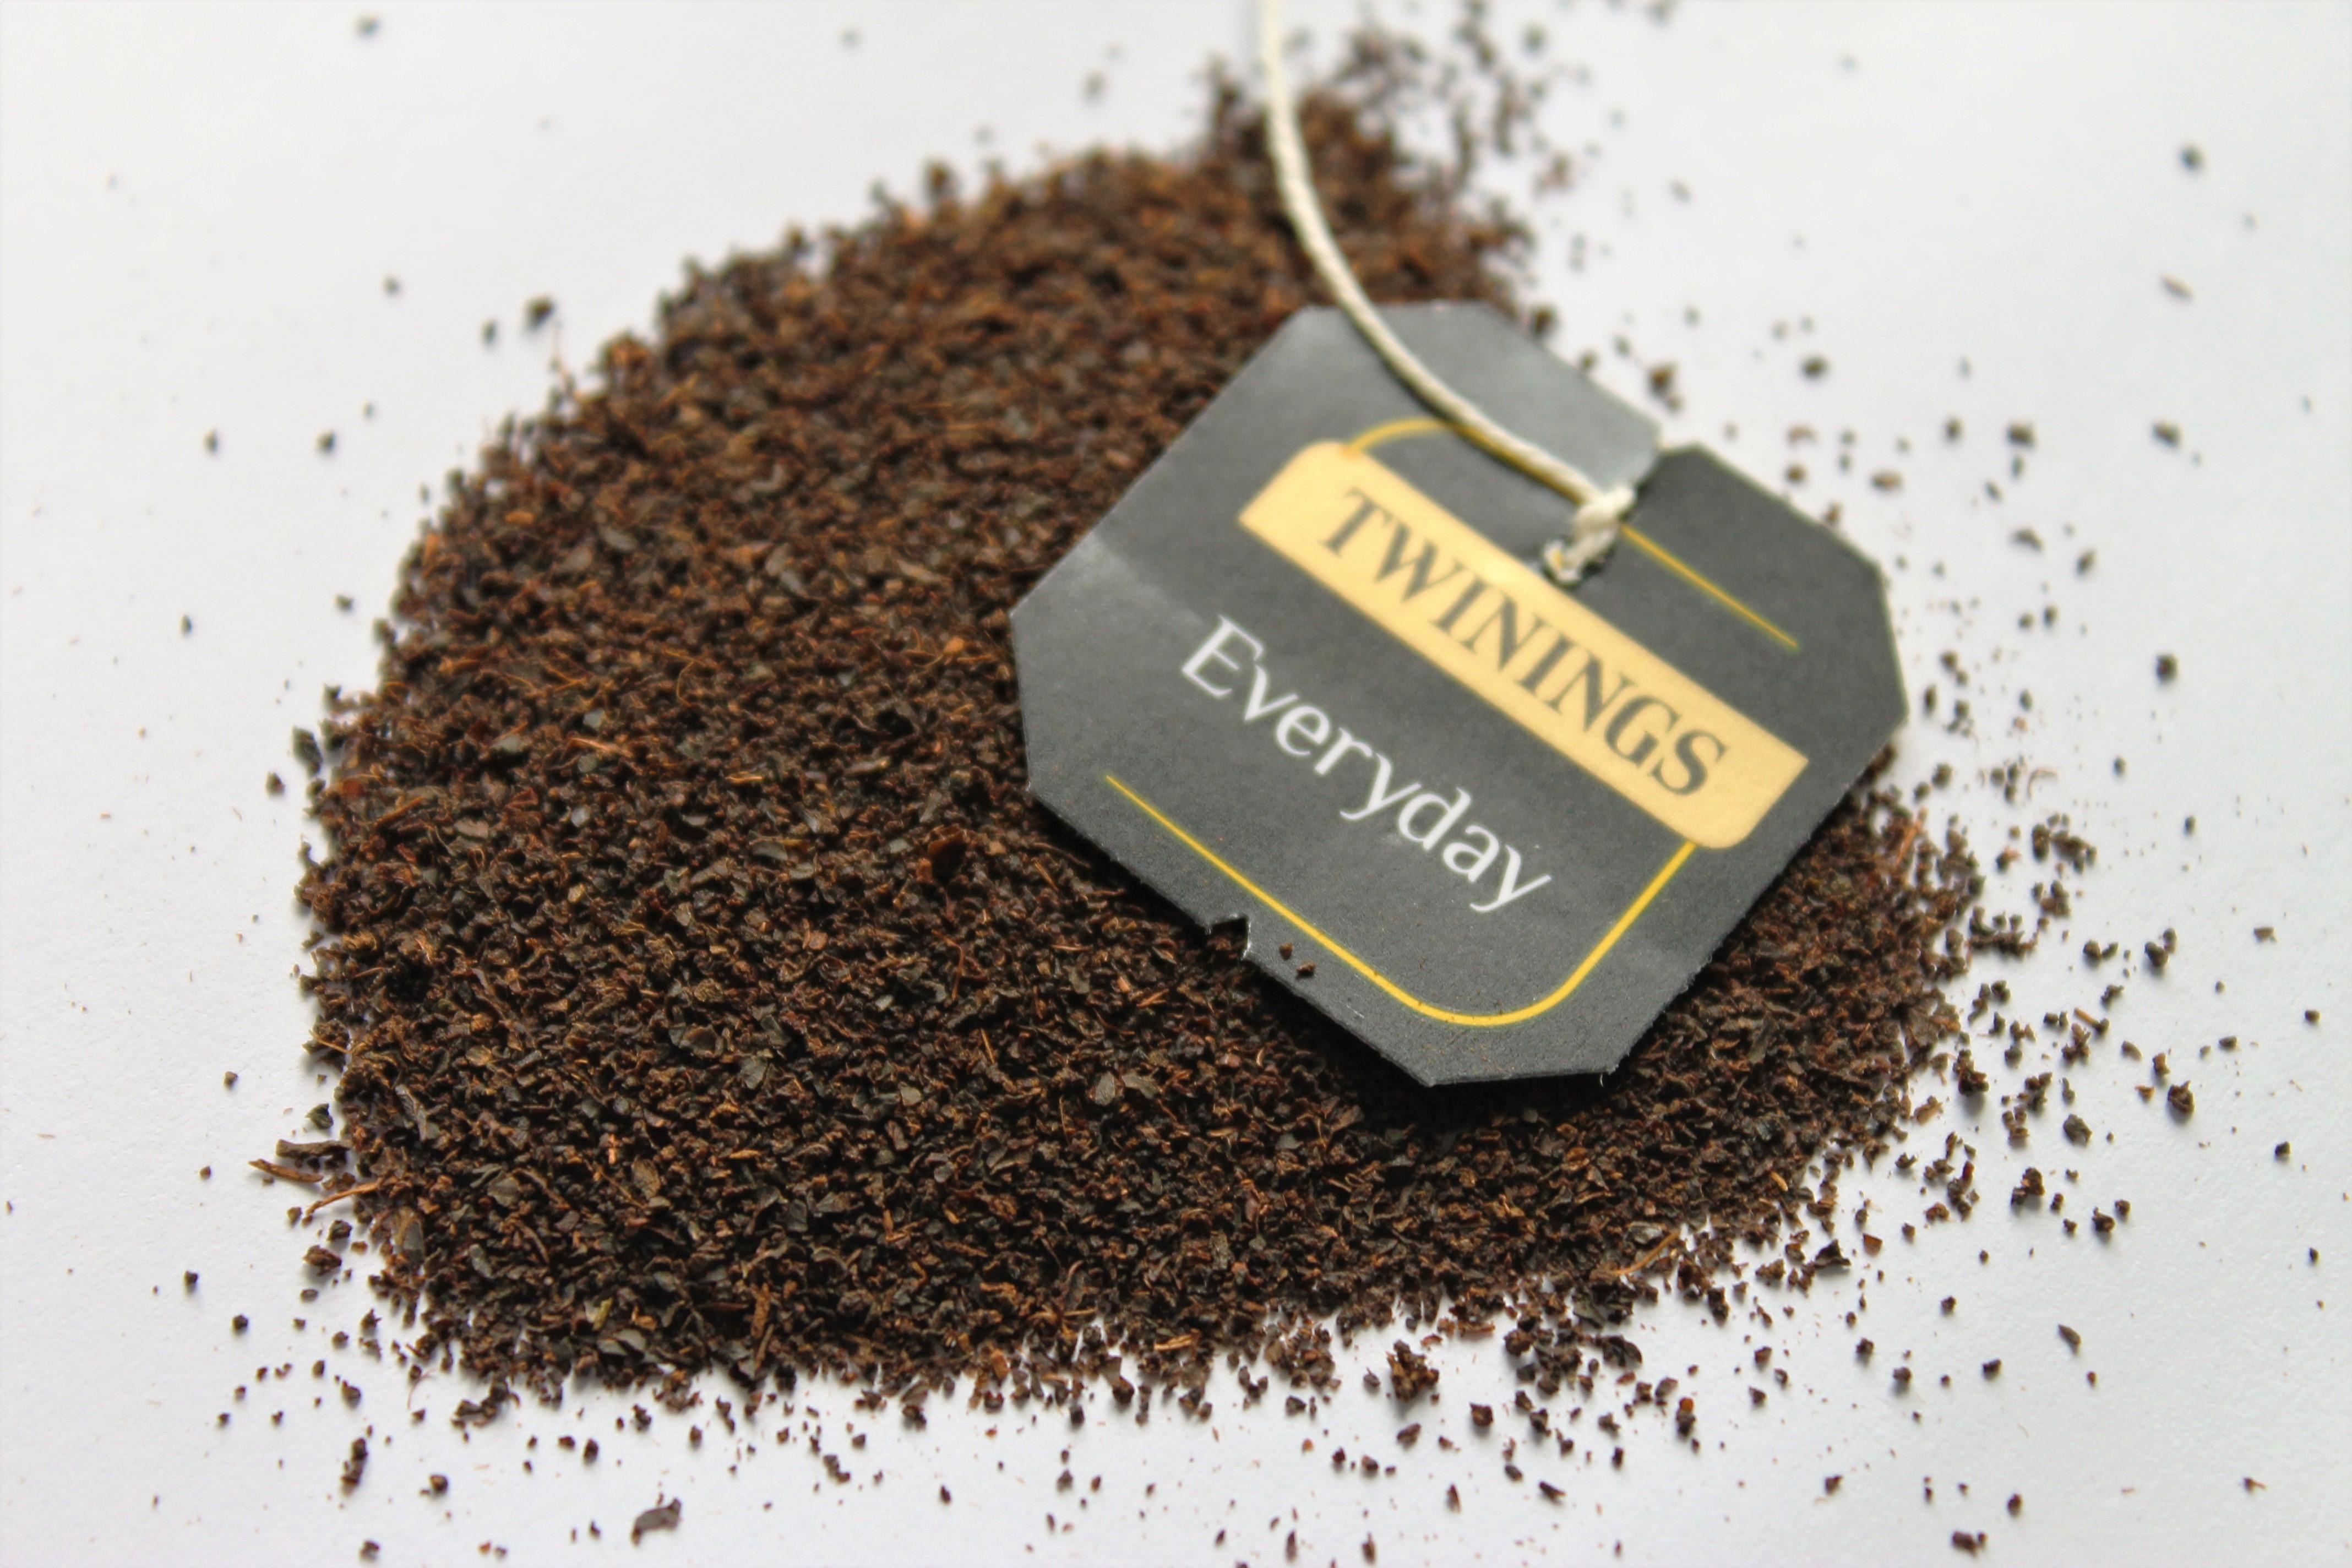 twinings everyday tea tag